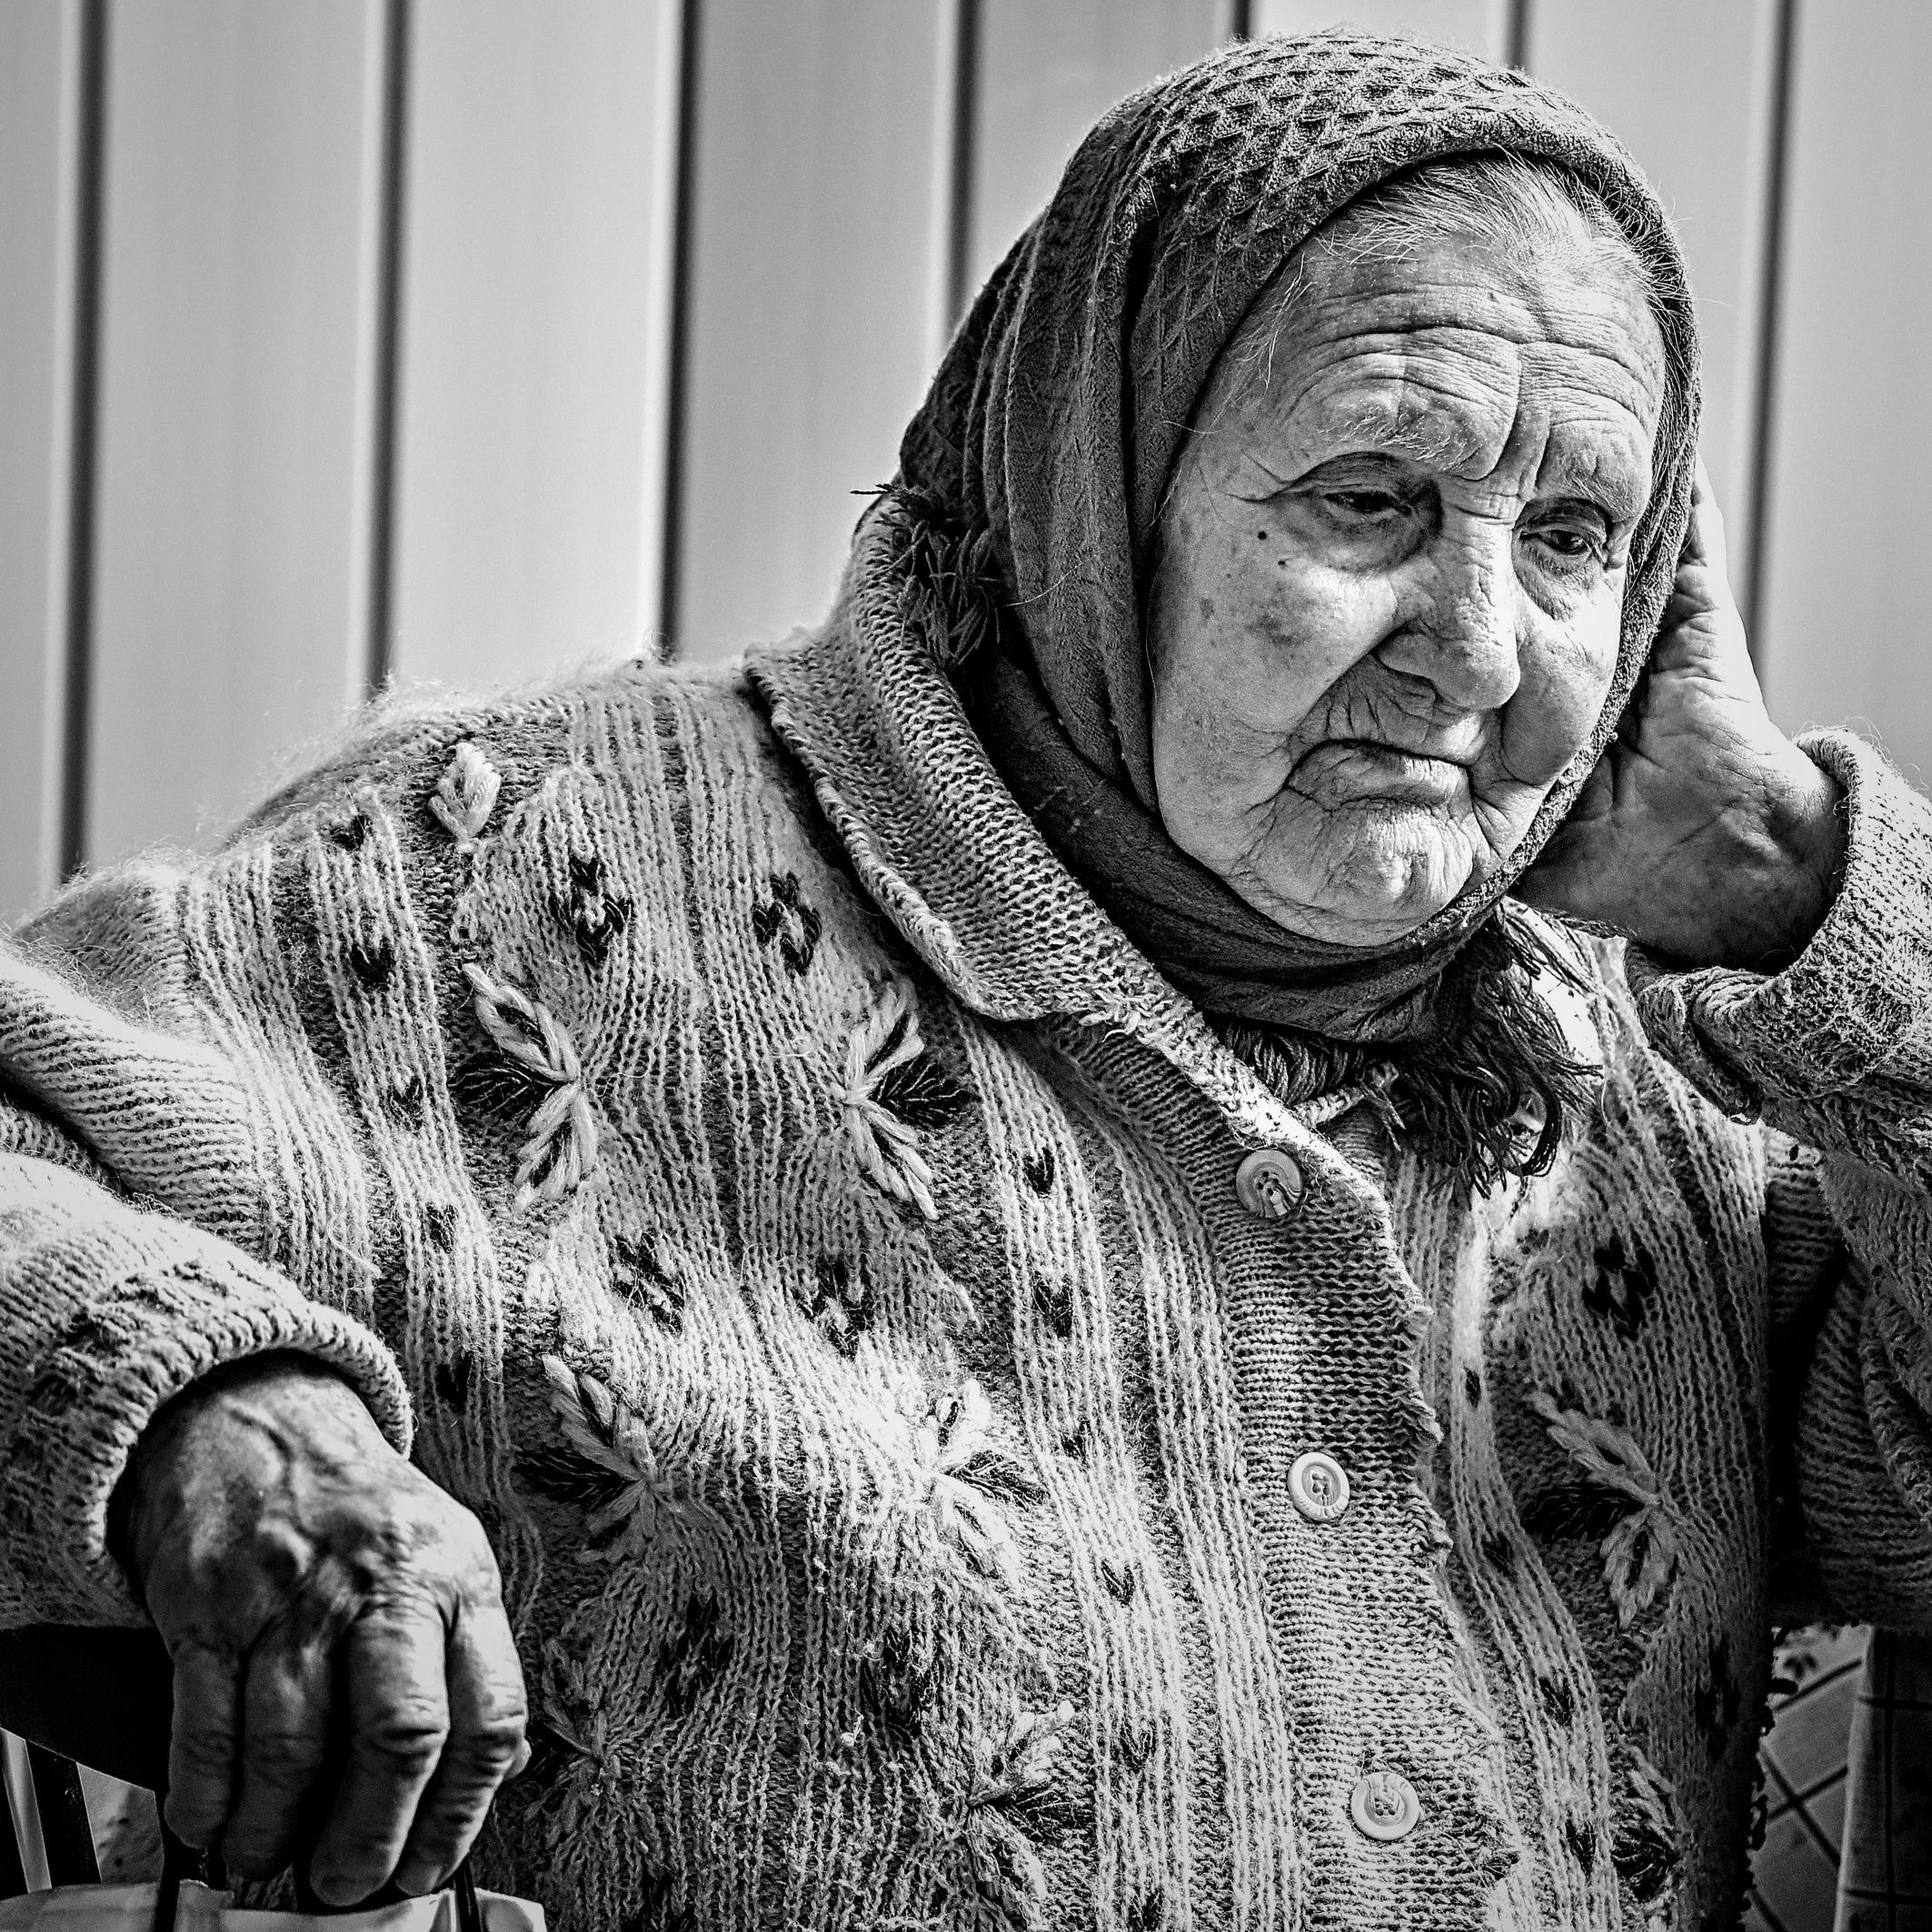 © Фотограф Сергей Рыжков — Судьбою повенчана…